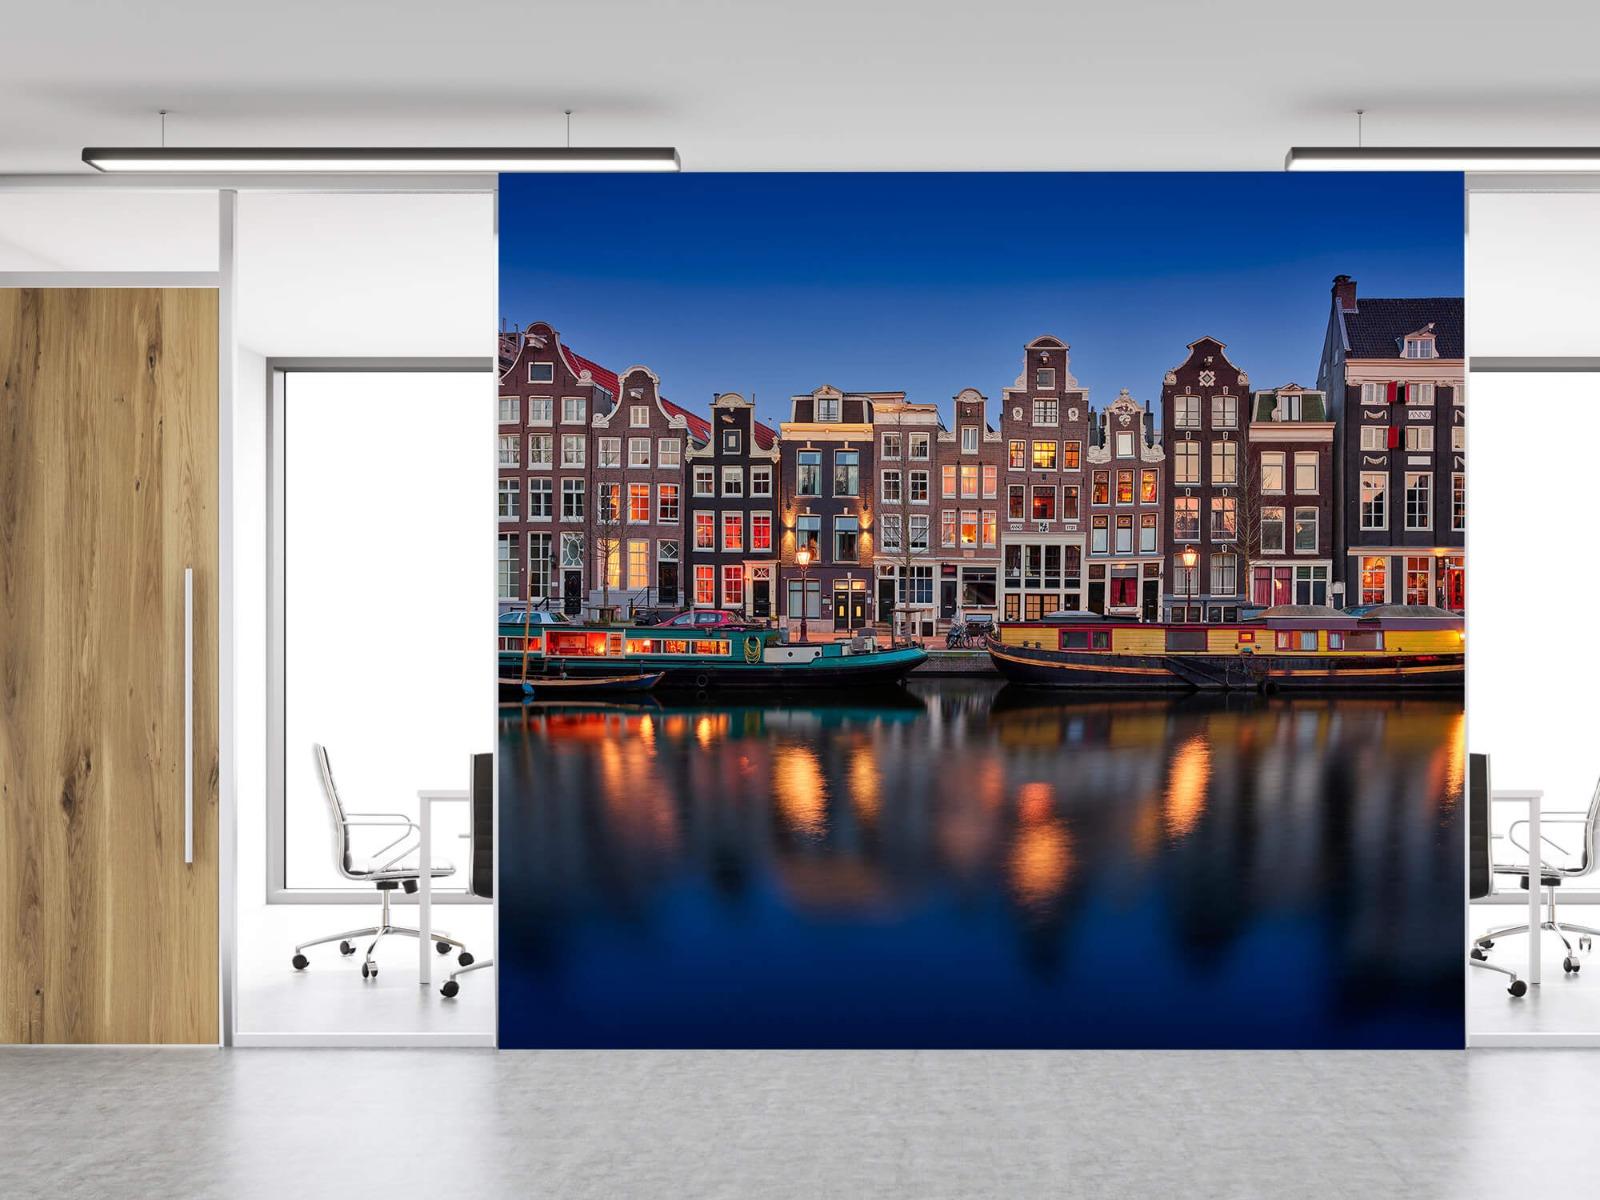 Architectuur - Grachtenpanden Amsterdam - Tienerkamer 11